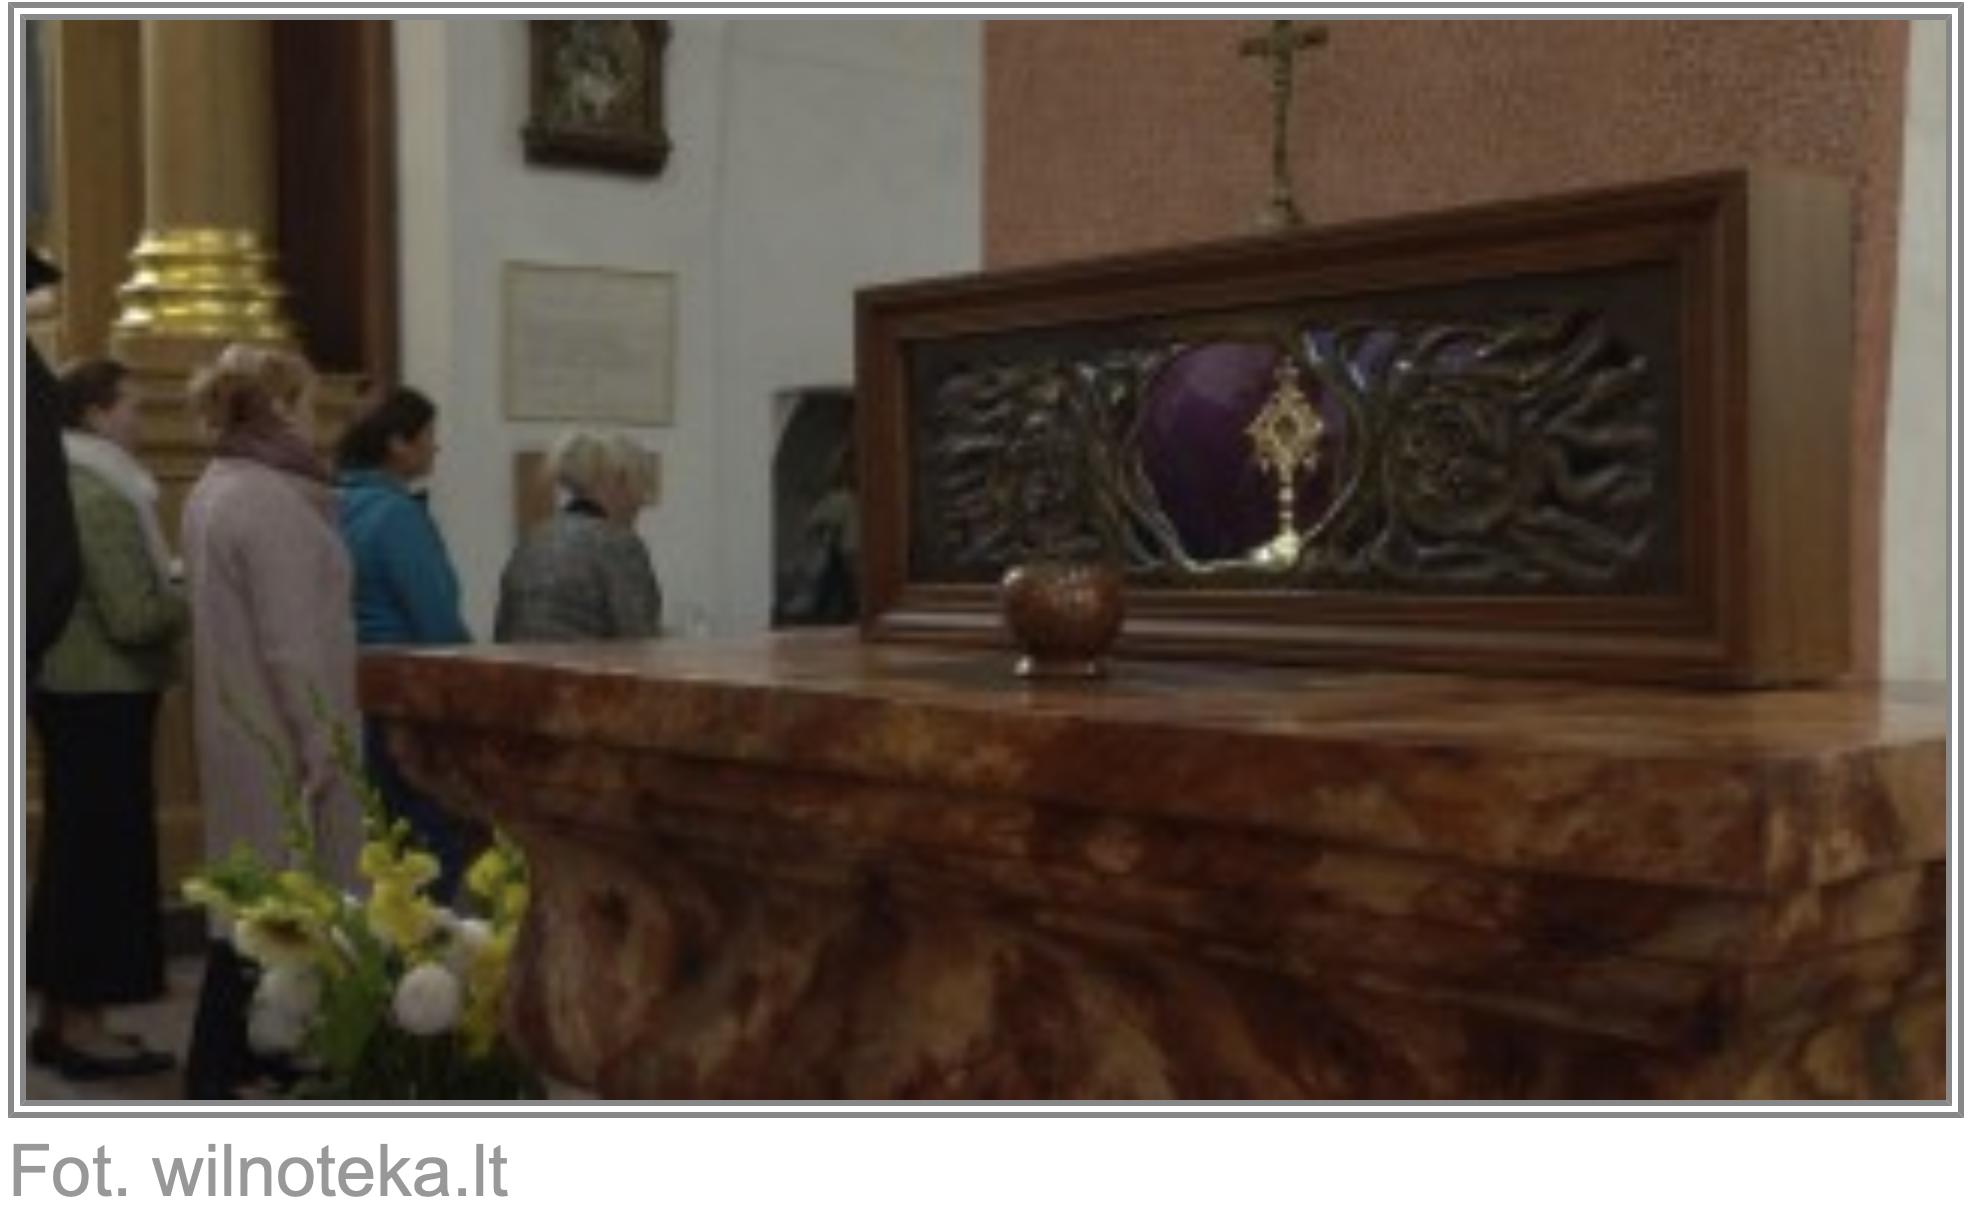 Relikwie bł. Michała Giedroycia w kościele wileńskich franciszkanów